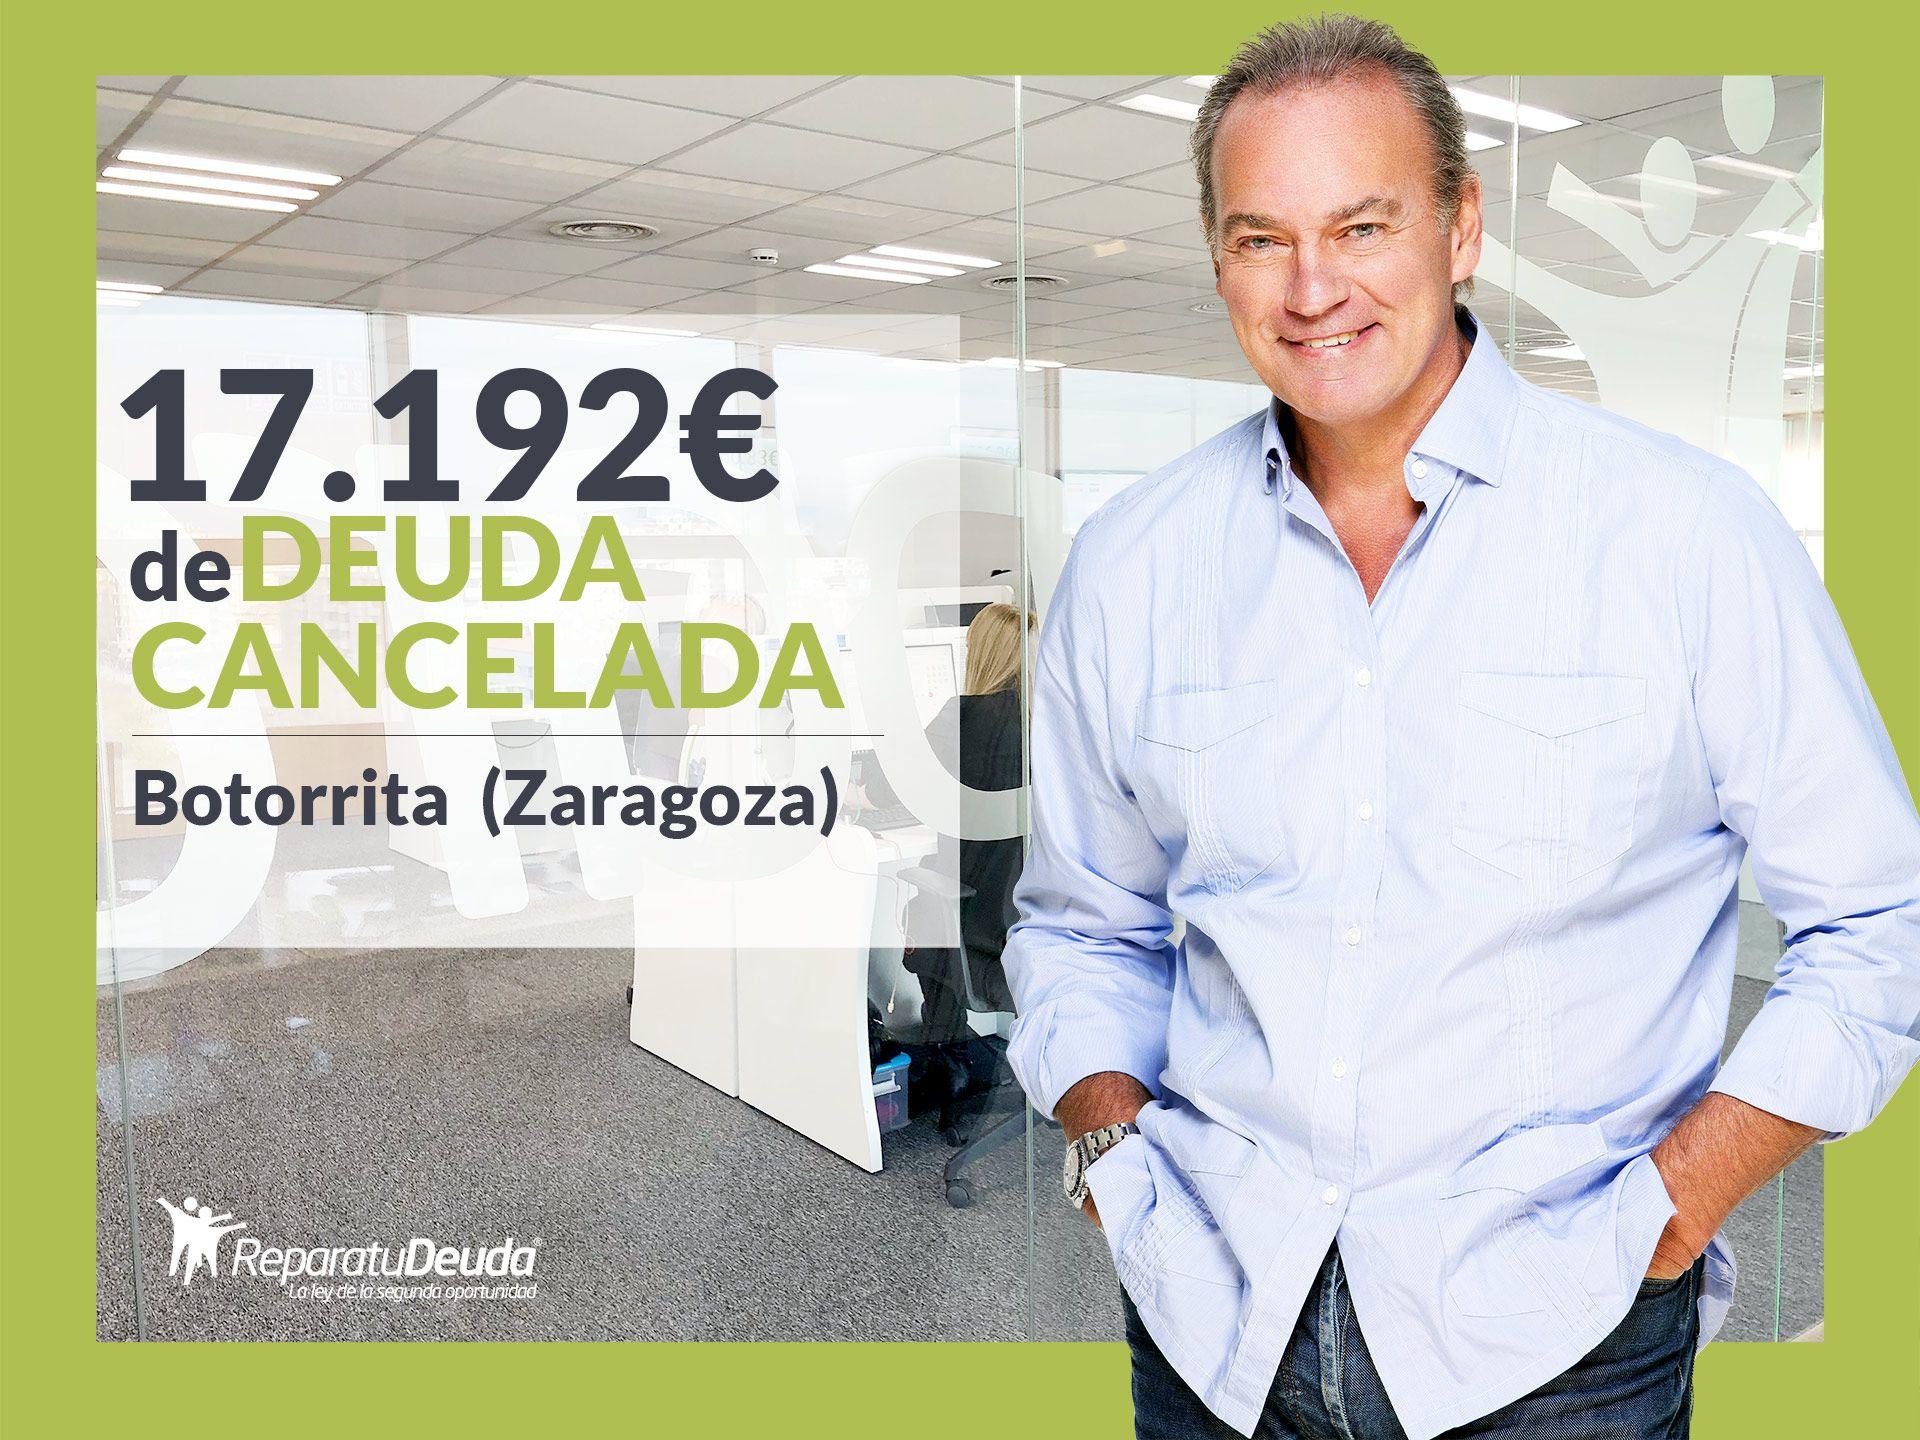 Repara tu Deuda Abogados cancela 17.192? en Botorrita (Zaragoza) con la Ley de Segunda Oportunidad